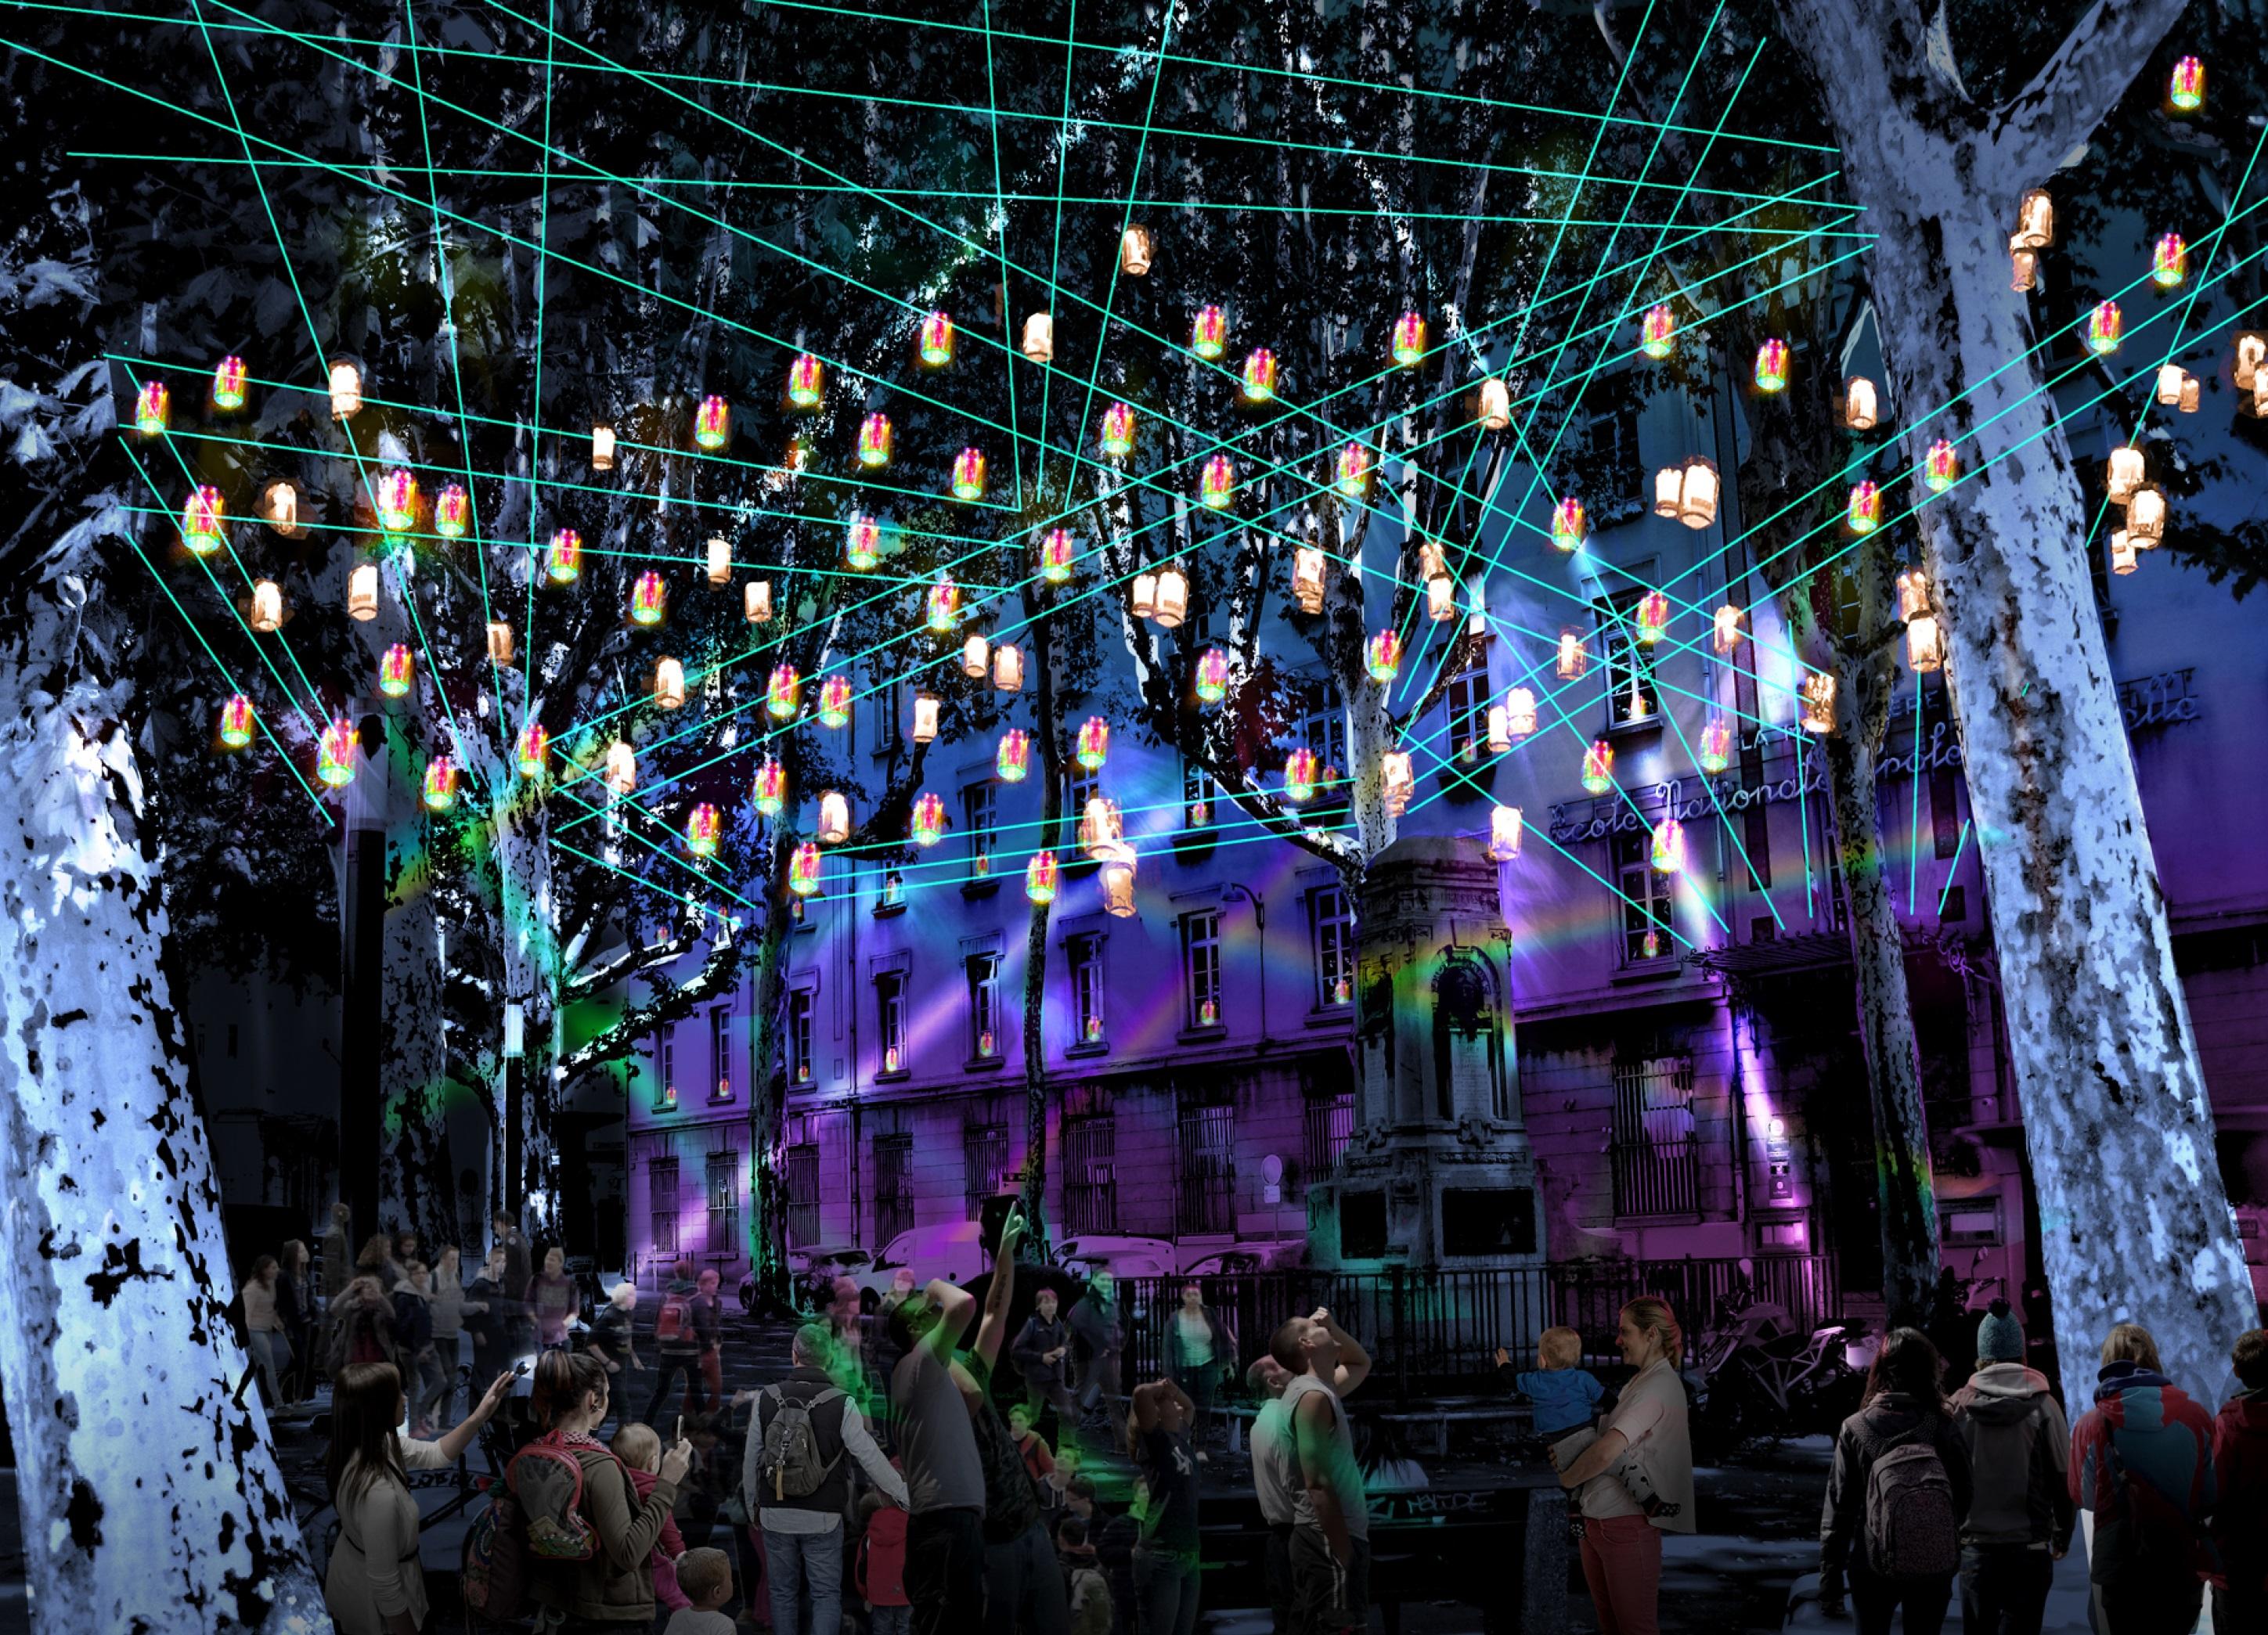 Fête des lumières 2018 - Lumières en soi(e), place Gabriel-Rambaud © Creatmosphere